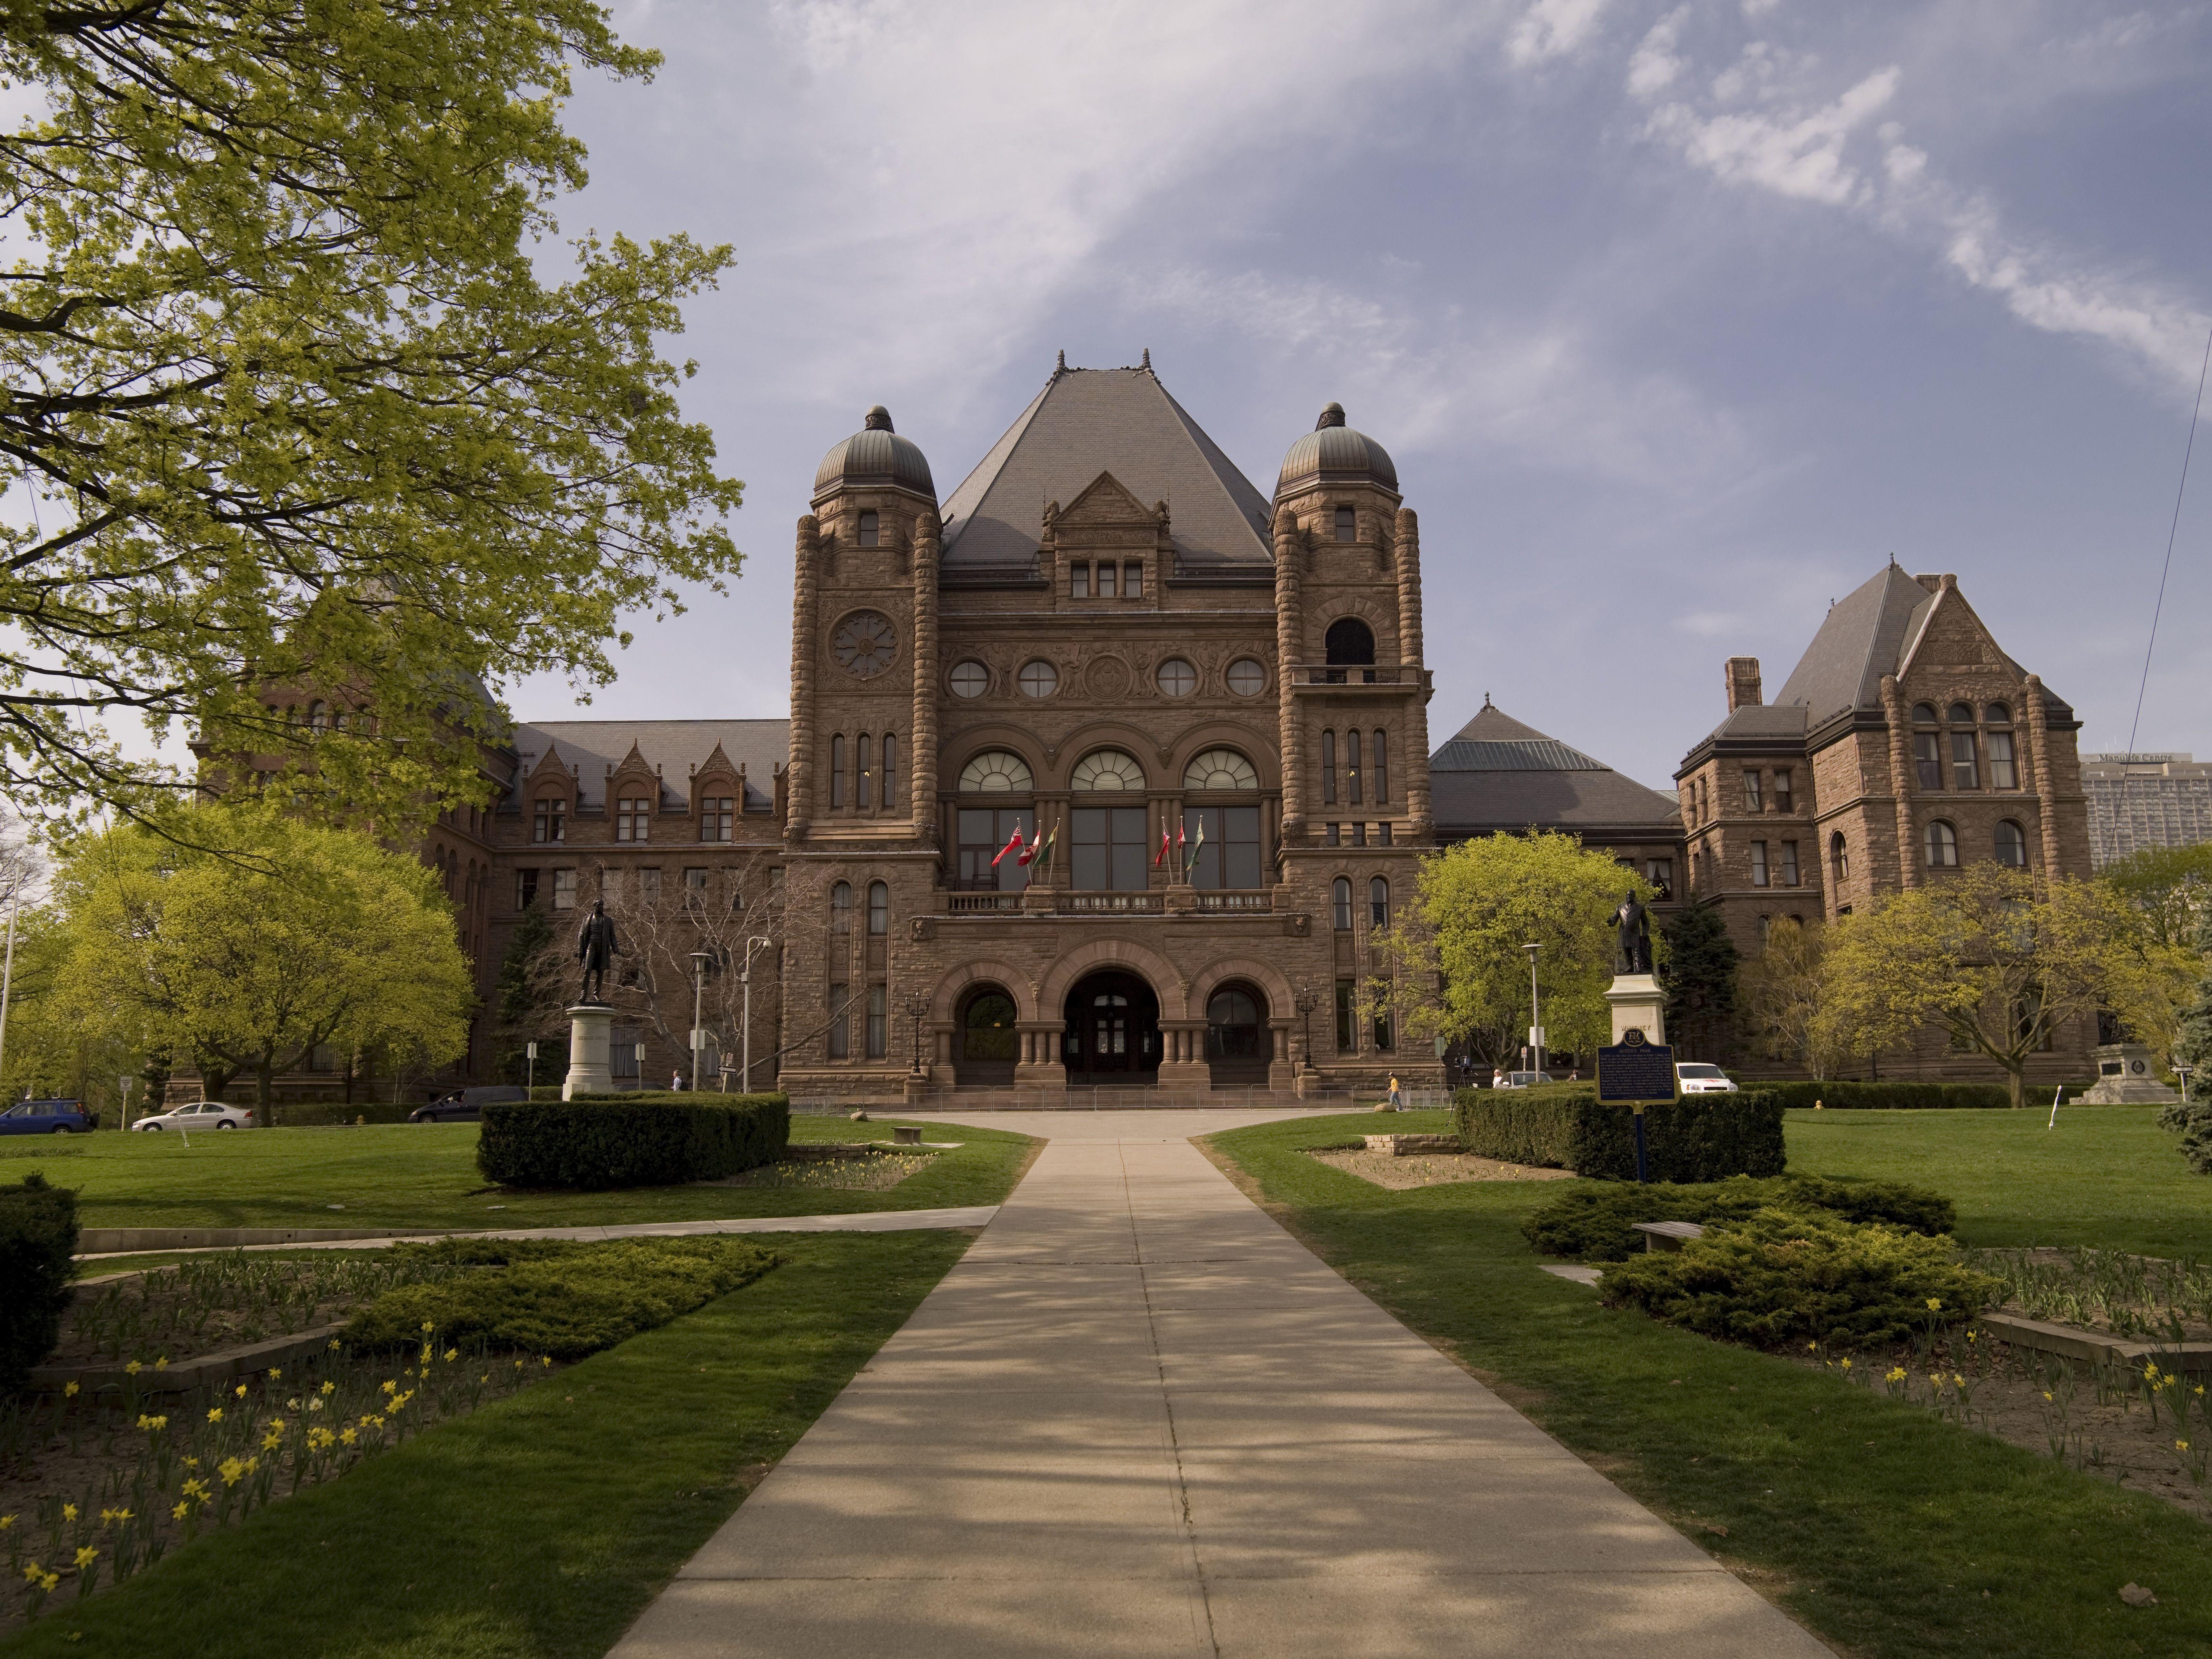 Legislative building, Toronto, Ontario, Canada